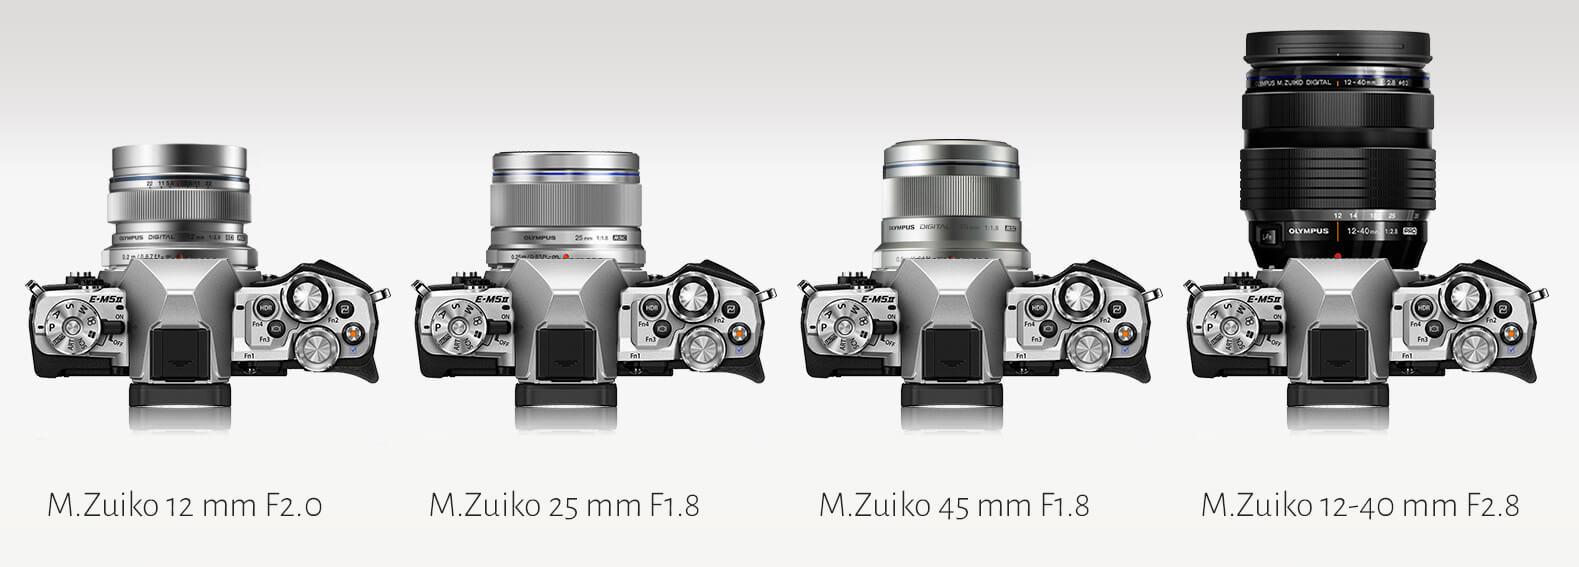 Forrás: http://camerasize.com/compact/